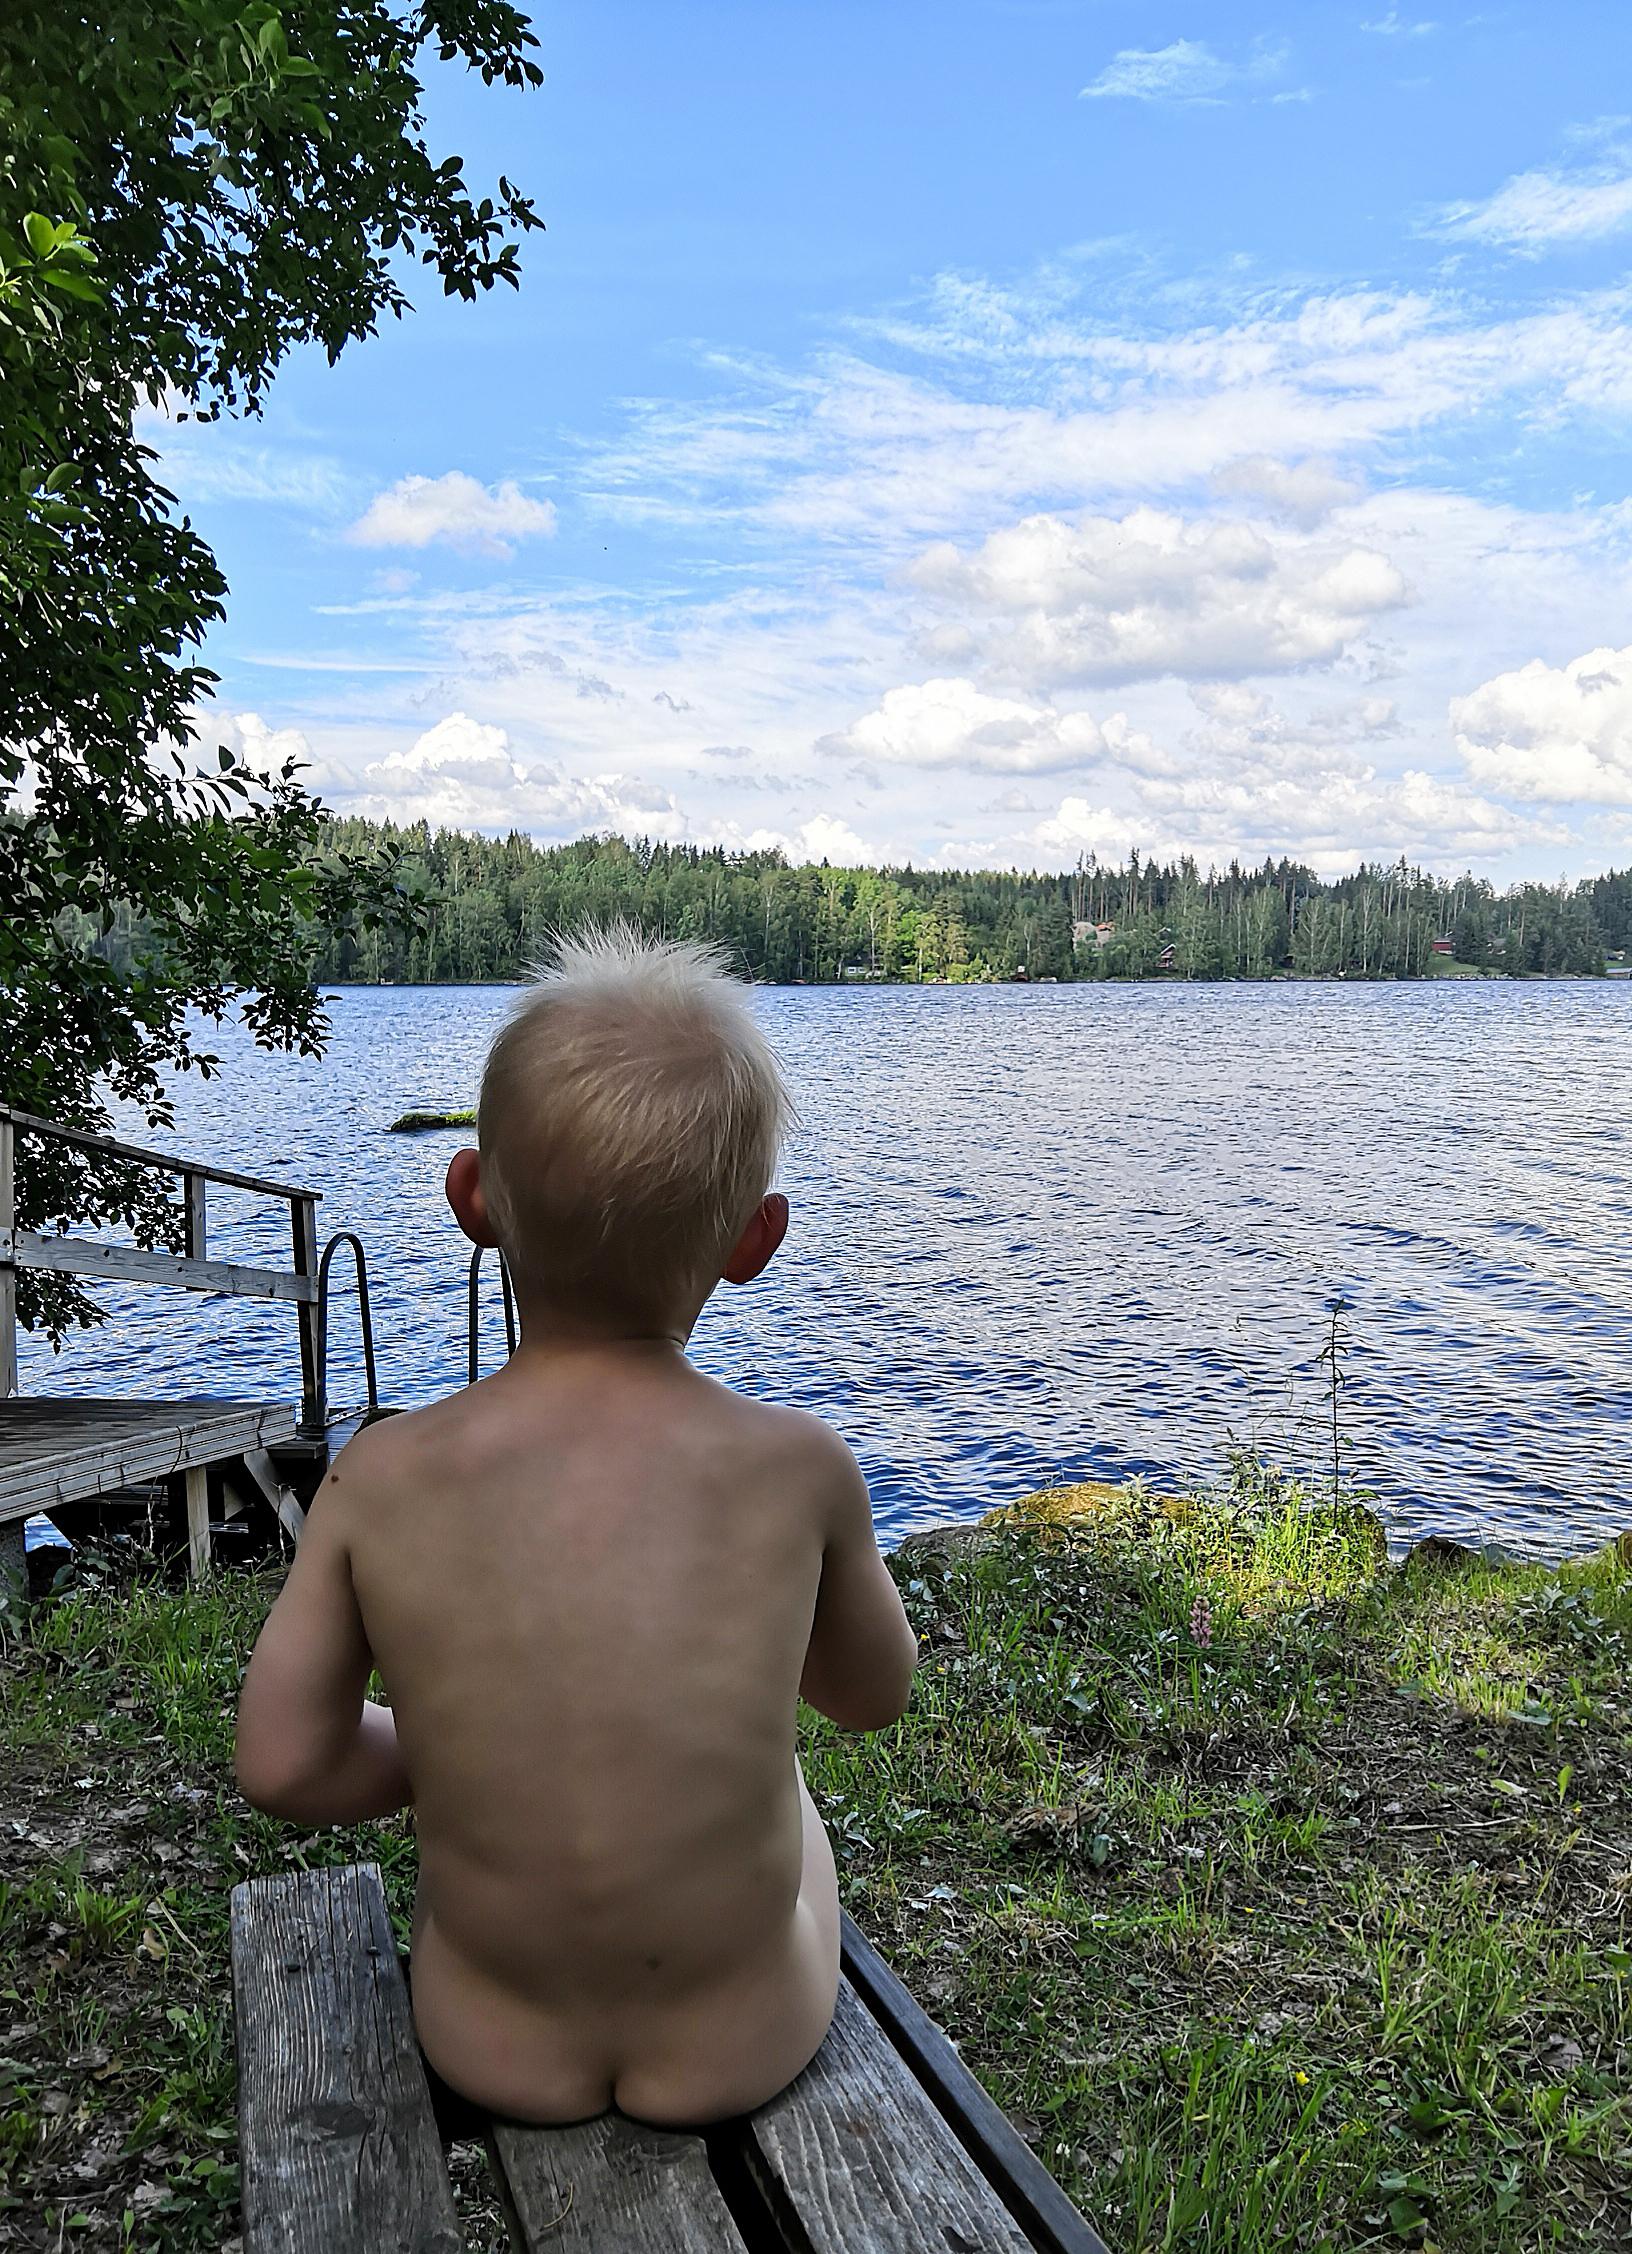 2-vuotias Vili nauttii suomalaisesta järvimaisemasta juhannussaunan jälkeen vilvotellen. Kuva: Henna Laineenoja